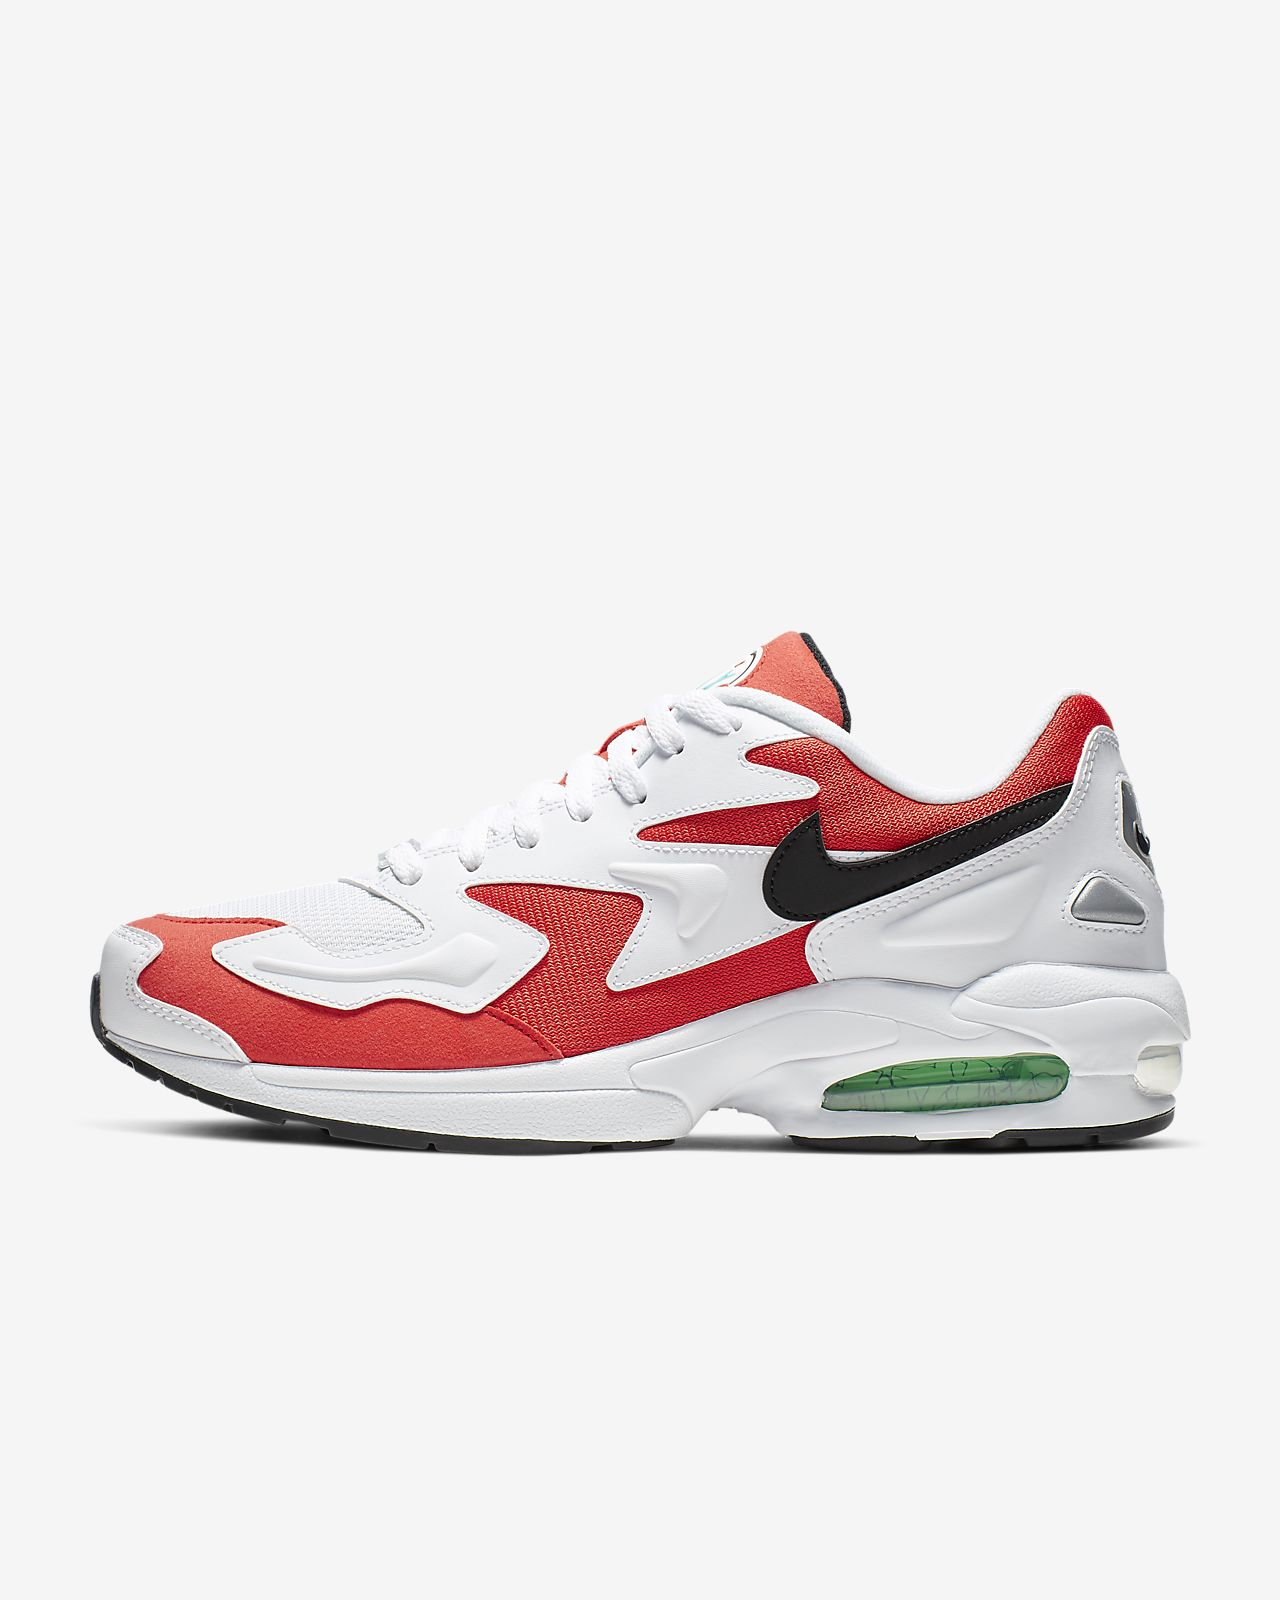 รองเท้าผู้ชาย Nike Air Max2 Light